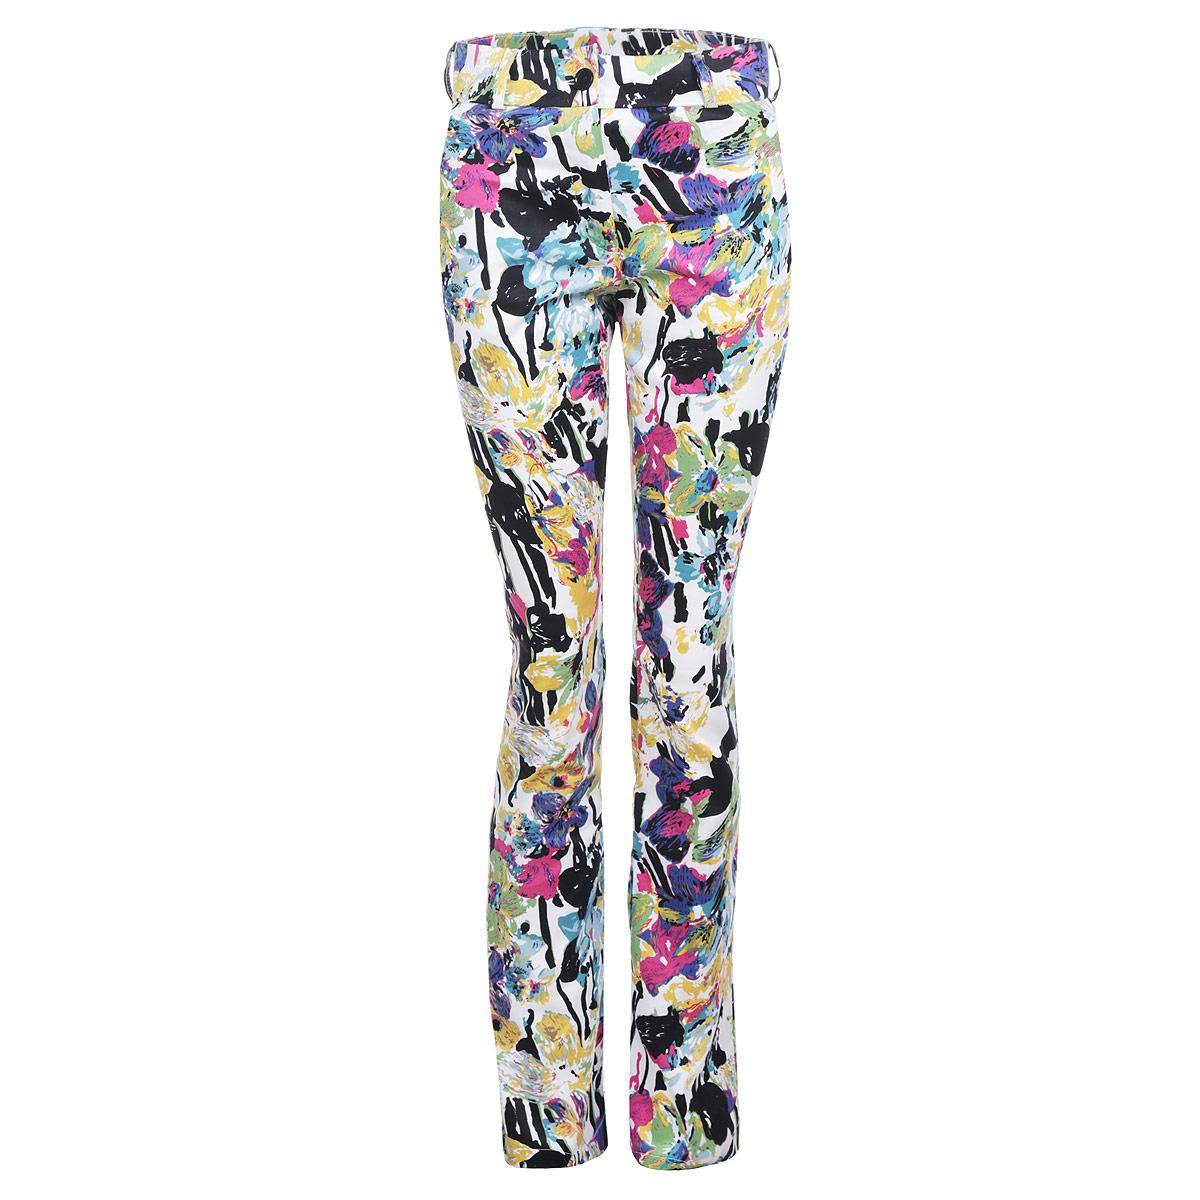 Брюкиб010Стильные женские брюки Lautus созданы специально для того, чтобы подчеркивать достоинства вашей фигуры. Модель прямого кроя с посадкой на талии станет отличным дополнением к вашему современному образу. Застегиваются брюки на пуговицу в поясе и ширинку на застежке-молнии, предусмотрены шлевки для ремня. Брюки оформлены ярким цветочным принтом. Эти модные и в тоже время комфортные брюки послужат отличным дополнением к вашему гардеробу. В них вы всегда будете чувствовать себя уютно и комфортно.